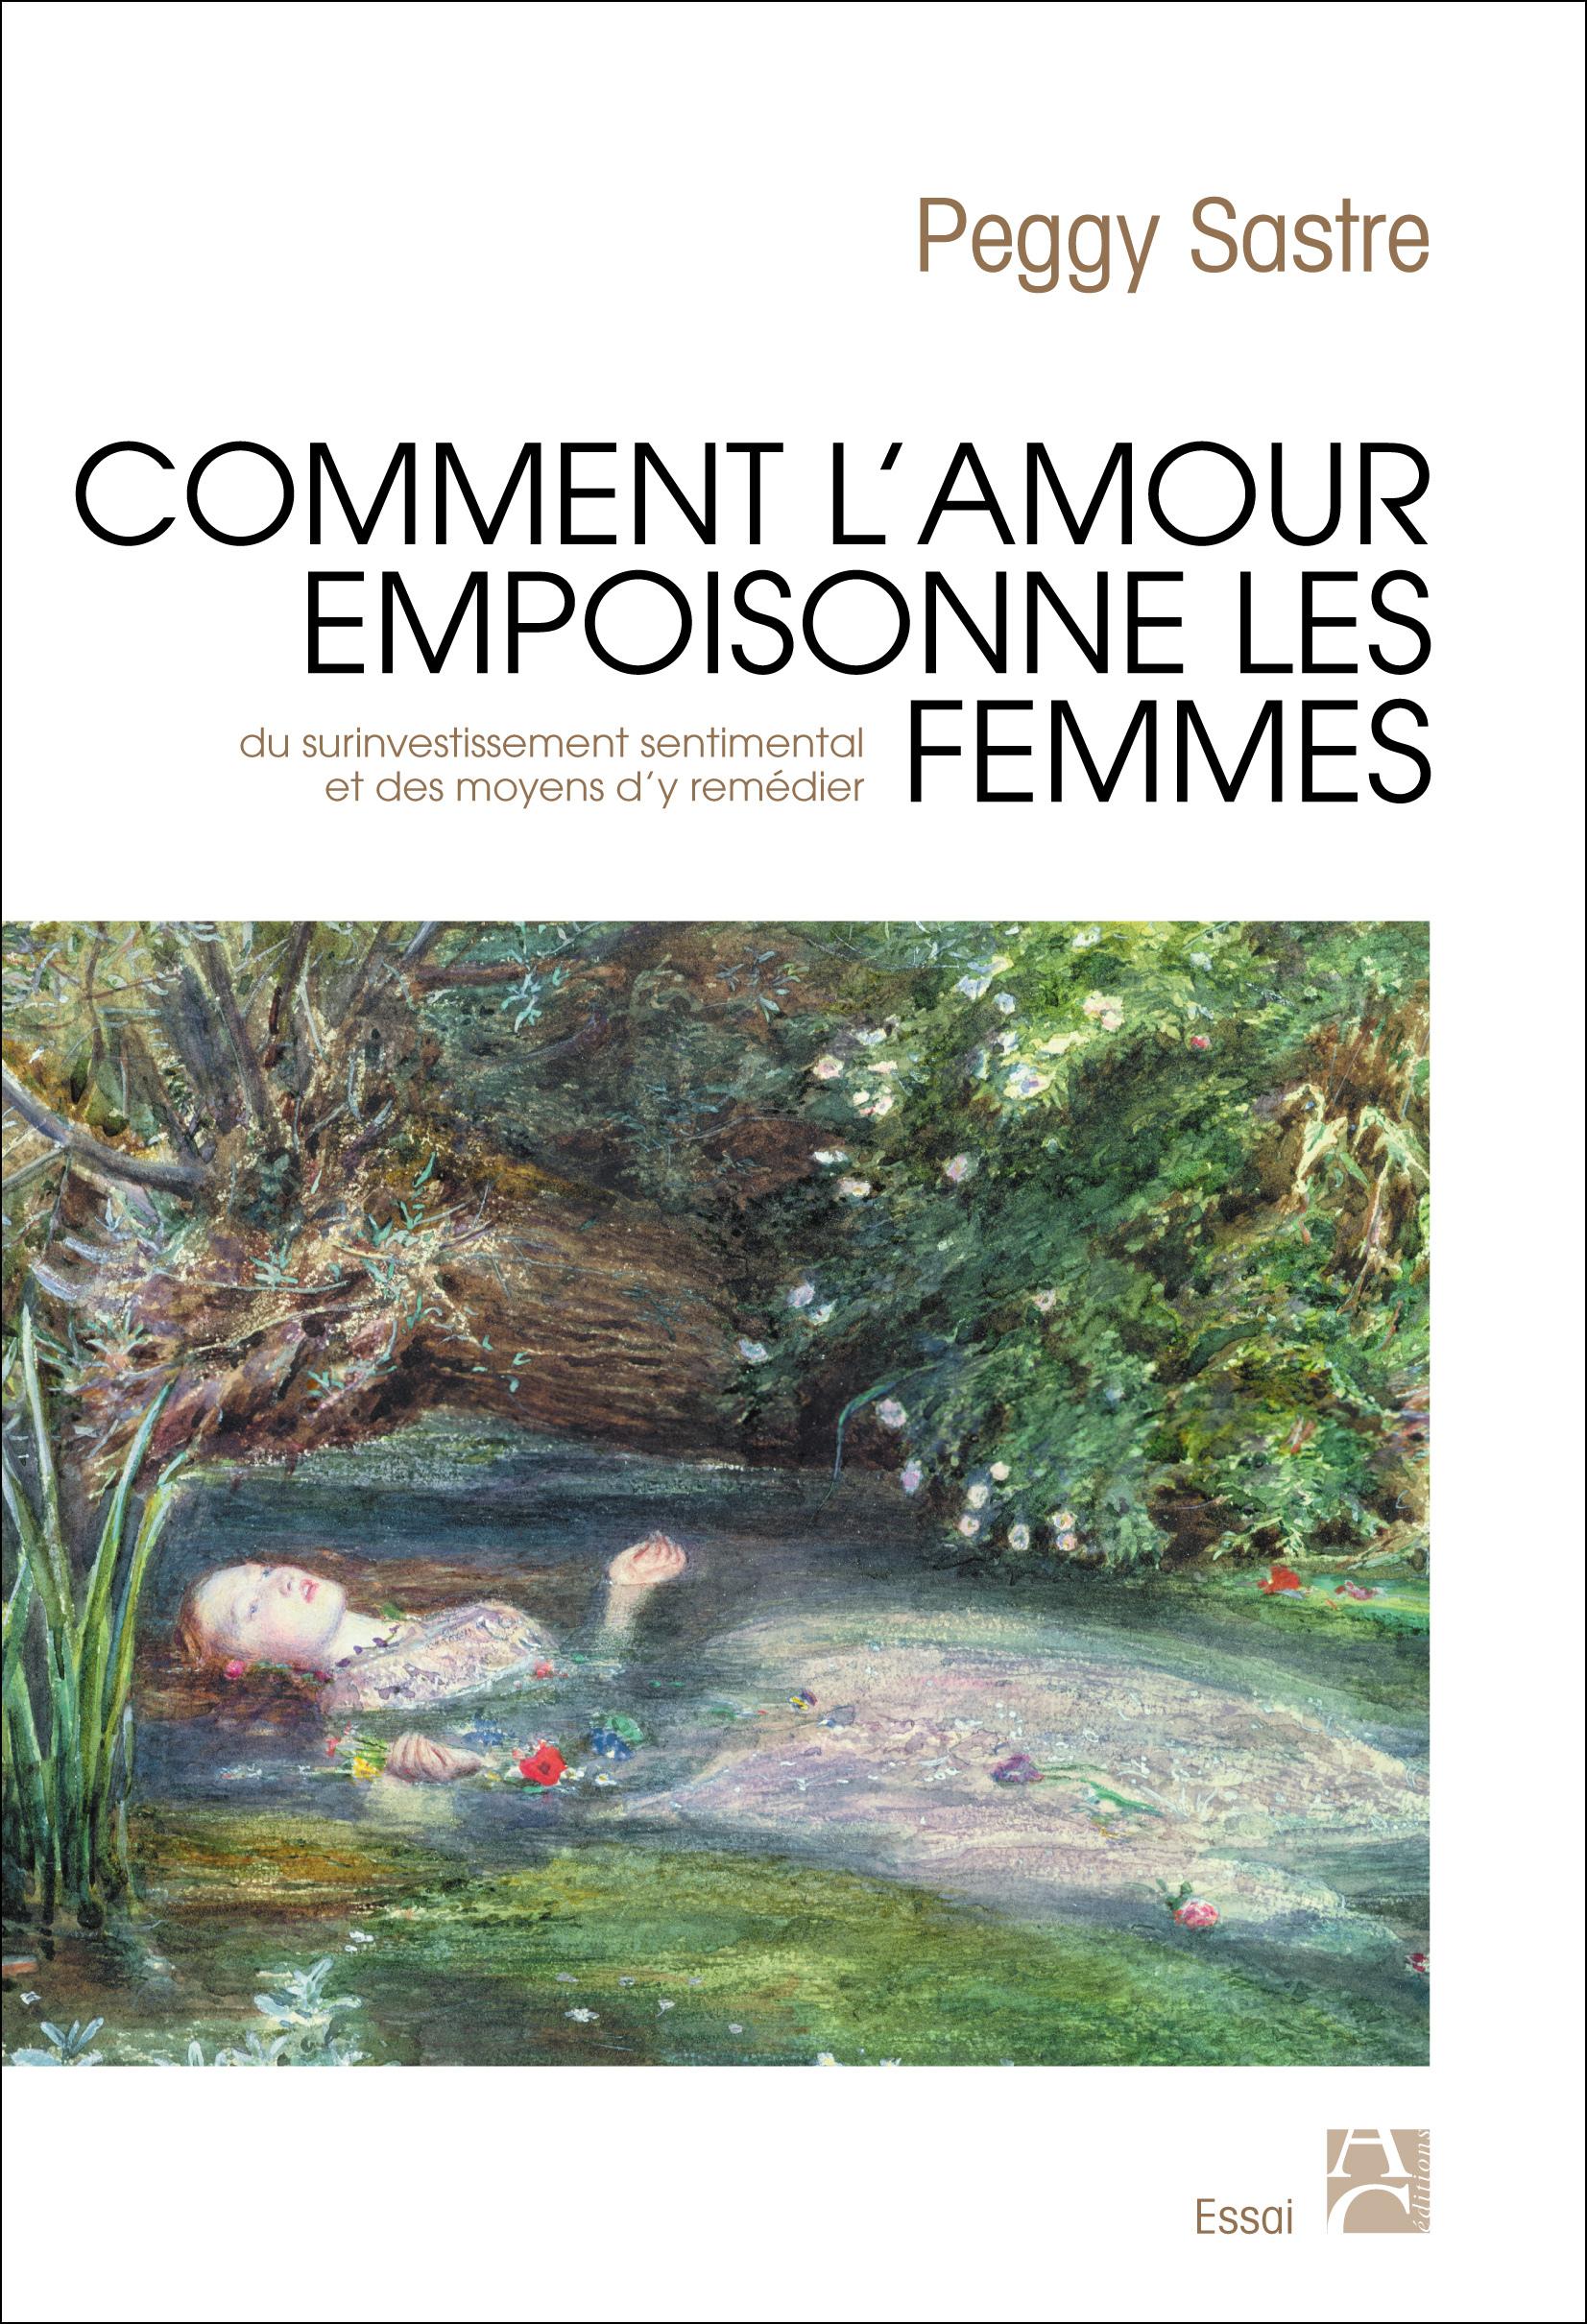 COMMENT L'AMOUR EMPOISONNE LES FEMMES - DU SURINVESTISSEMENT SENTIMENTAL DES FEMMES ET DES MOYENS